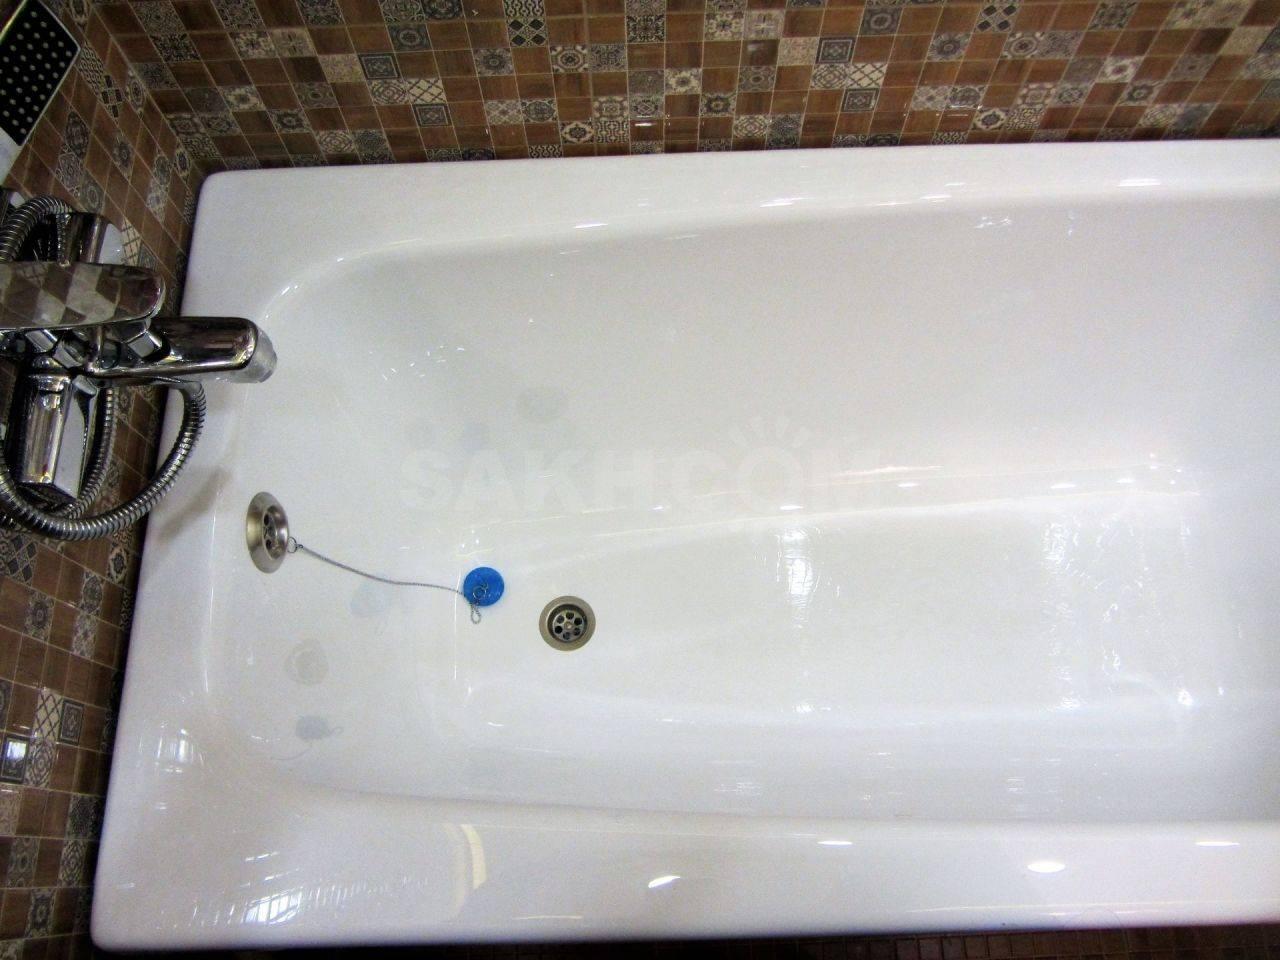 Акриловая вставка (акриловый вкладыш) в ванну технология ванна в ванну